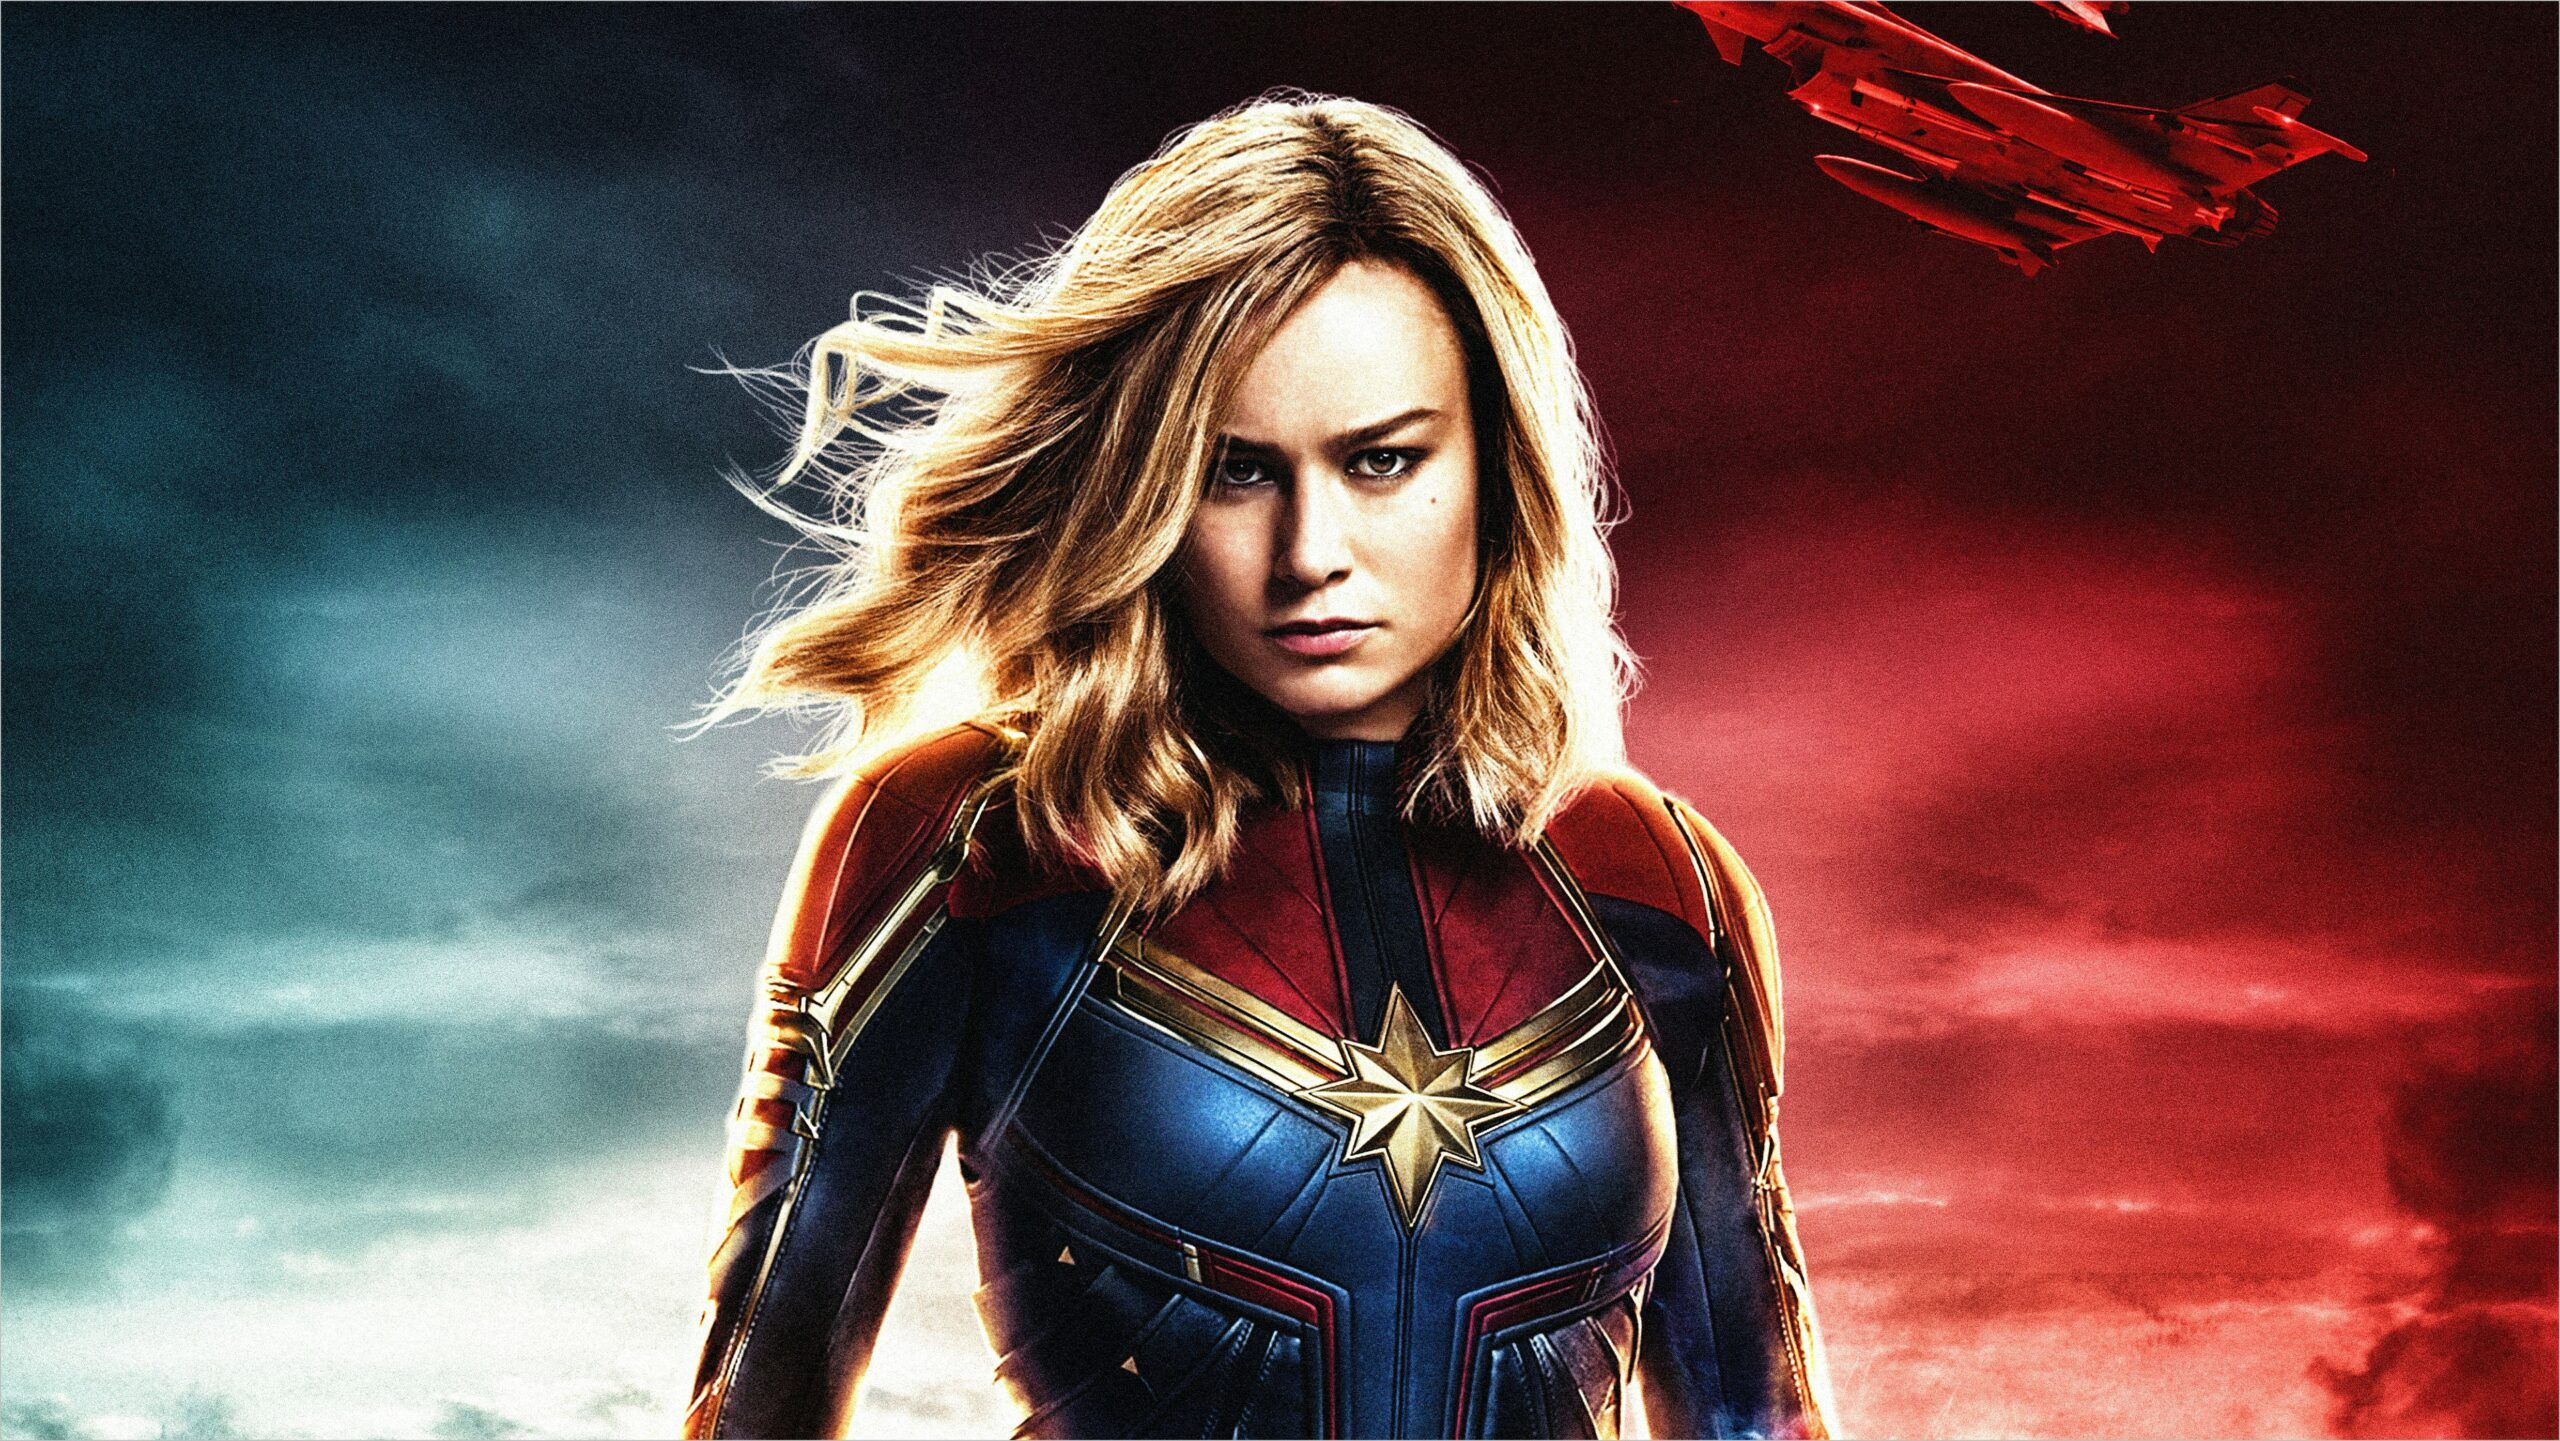 Home Screen Captain Marvel Wallpaper 4k In 2020 Marvel Movies 2018 Captain Marvel Marvel Movies